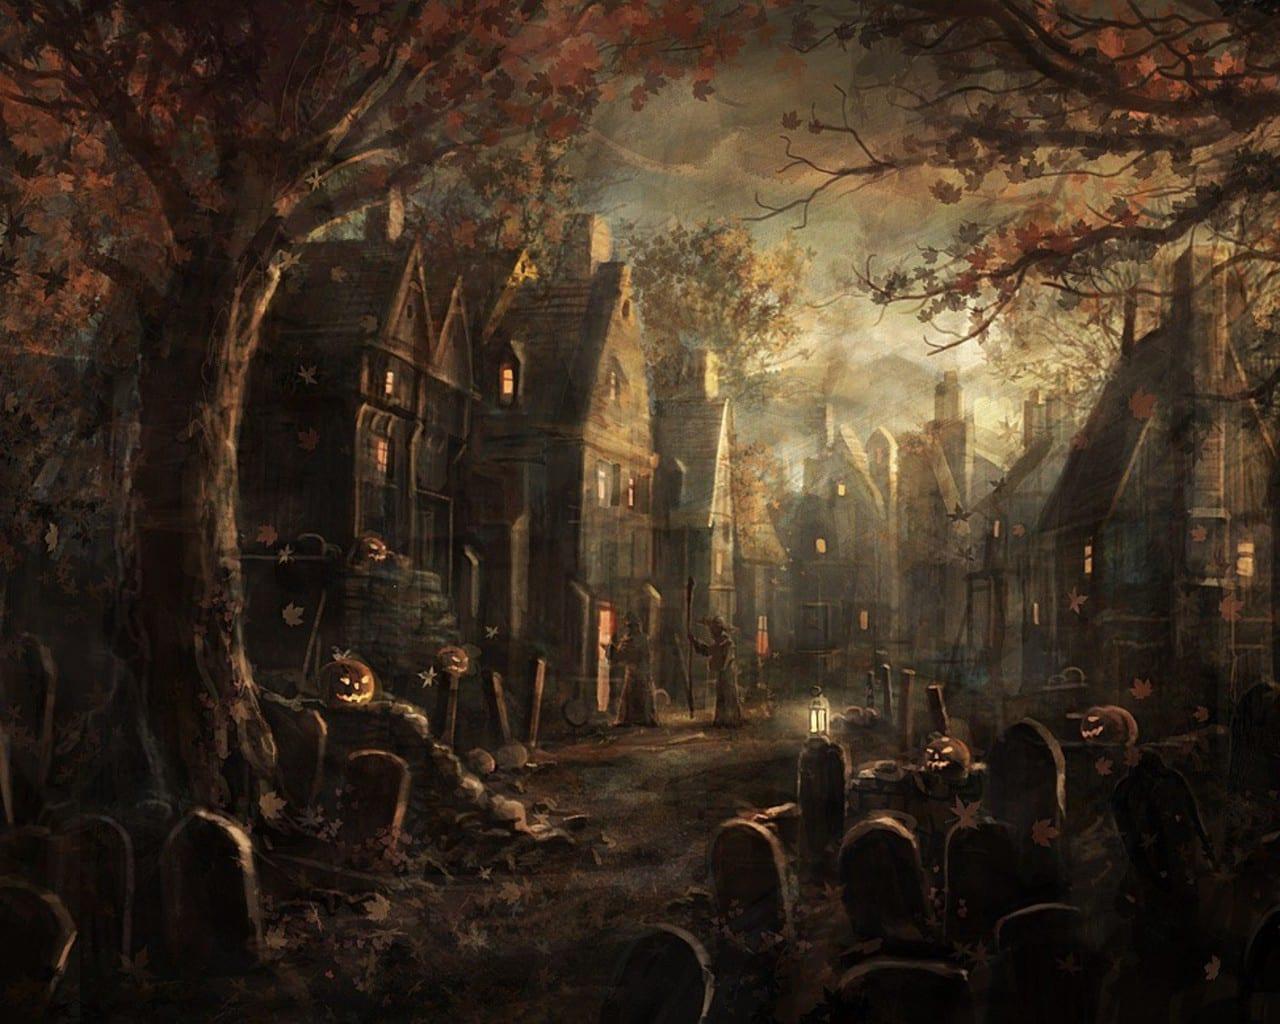 cementerio ciudad Halloween